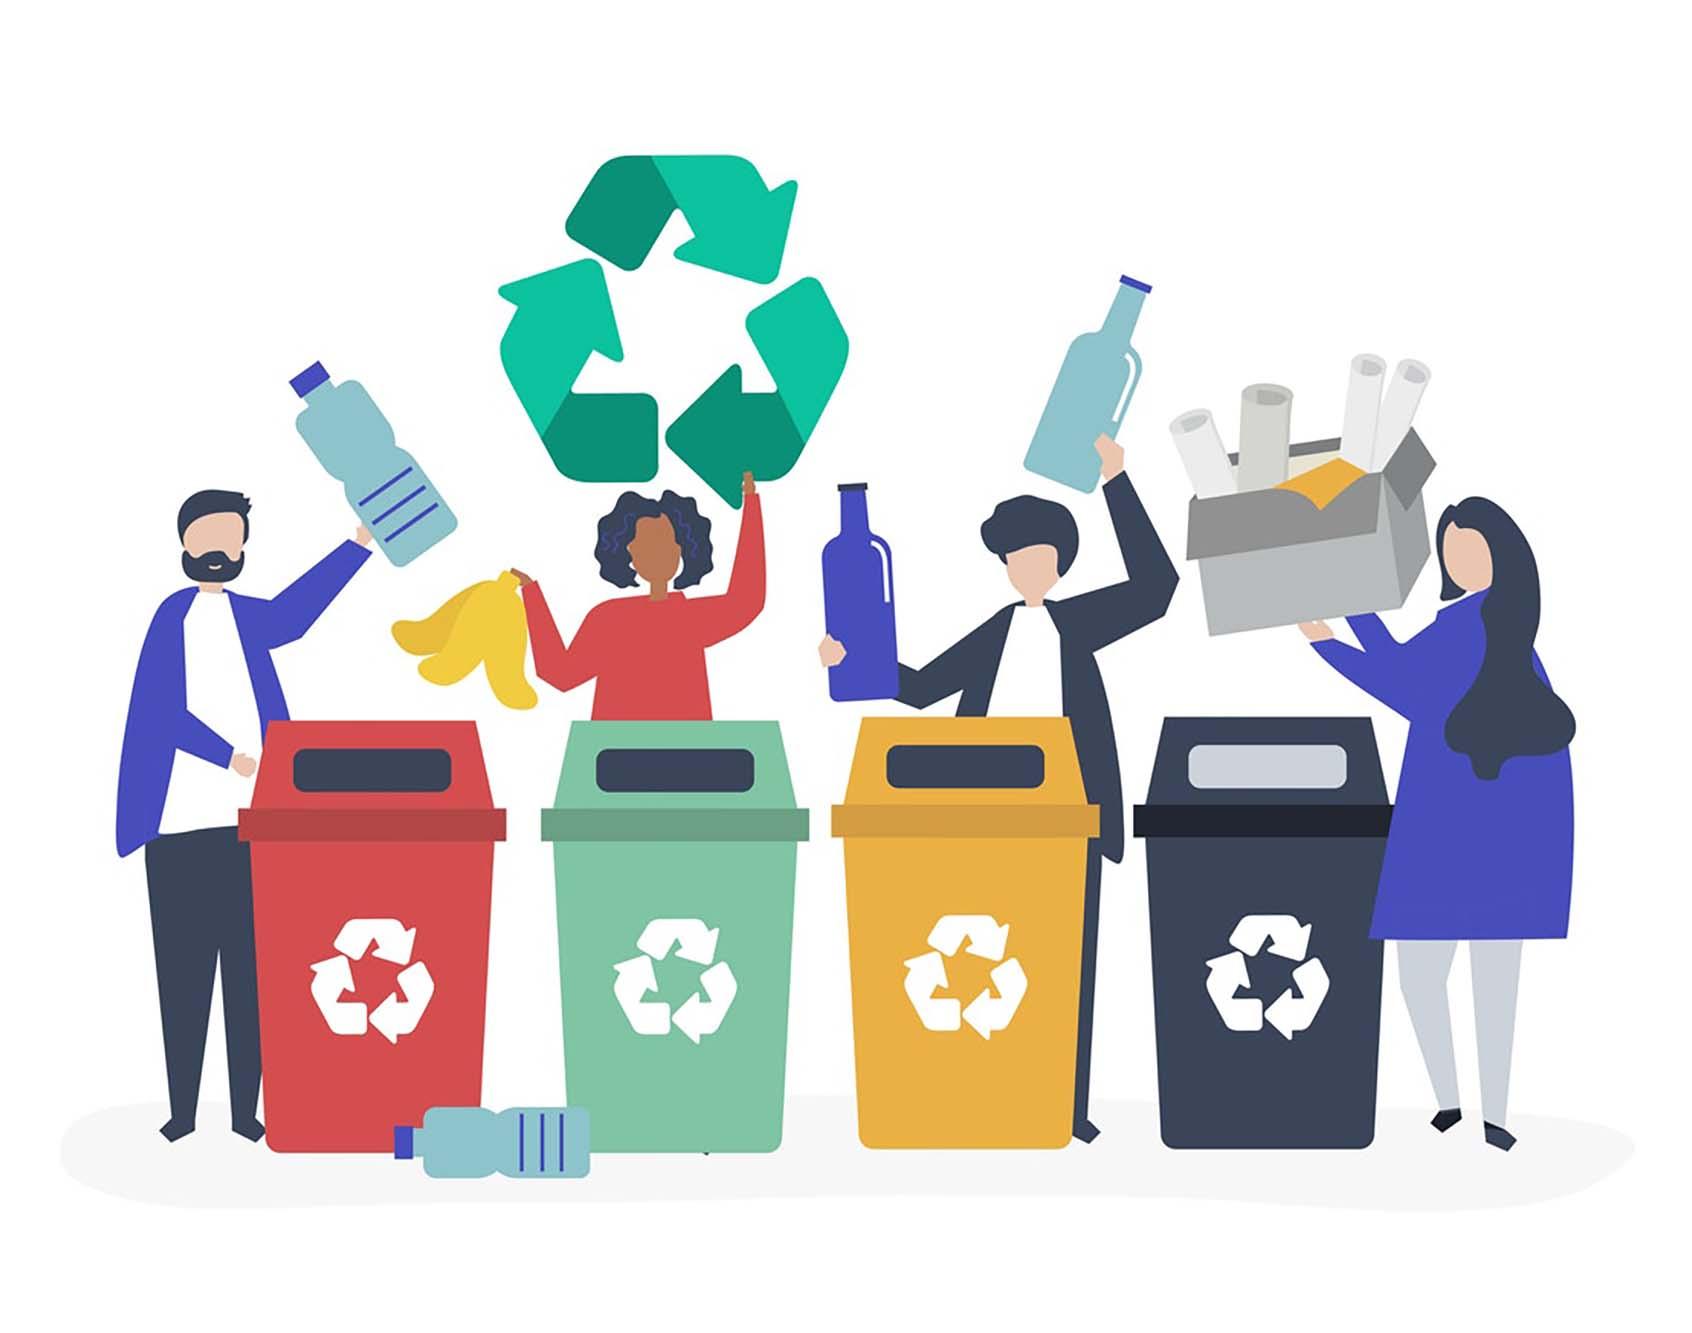 Día Mundial de los Derechos del Consumidor: sostenibilidad, un eje clave en la lucha por la justicia socioambiental